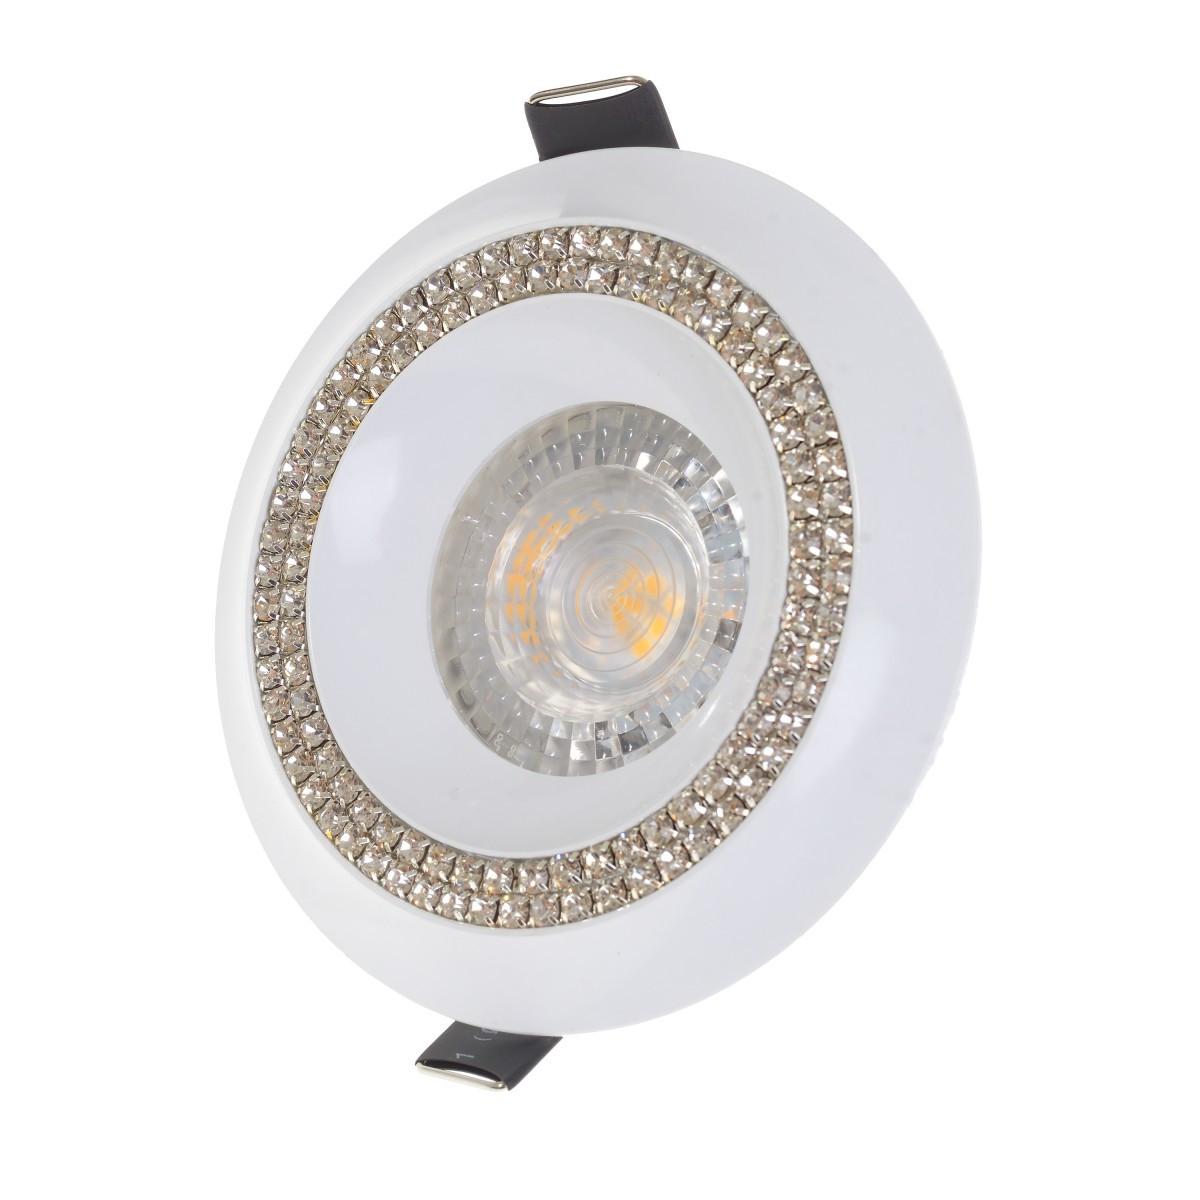 HDL-G277 GU5.3 WH точечный светильник